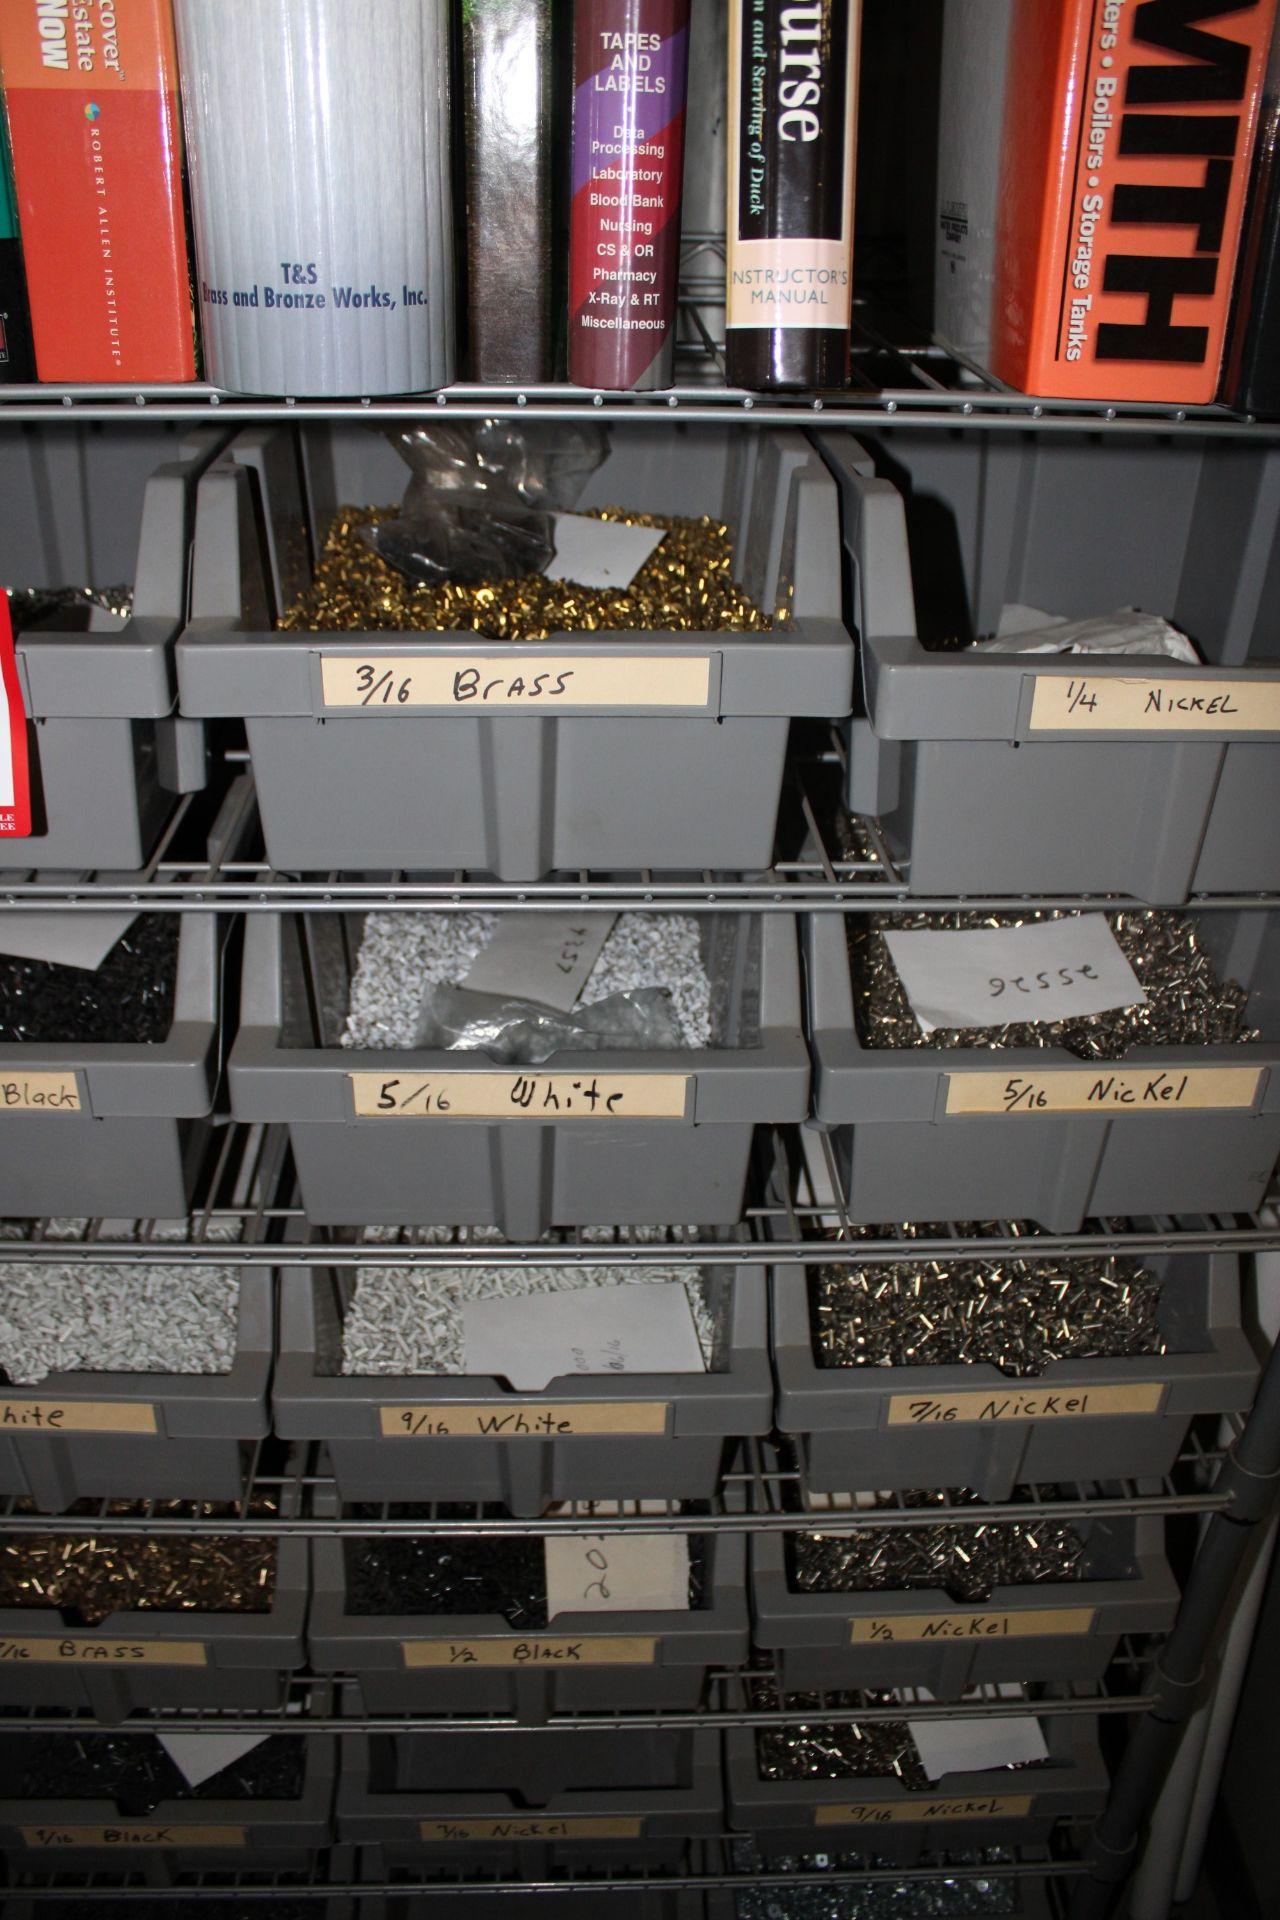 Lot 54 - Shelf & Contents: Various Fans w/ Various Sizes & Type Rivets